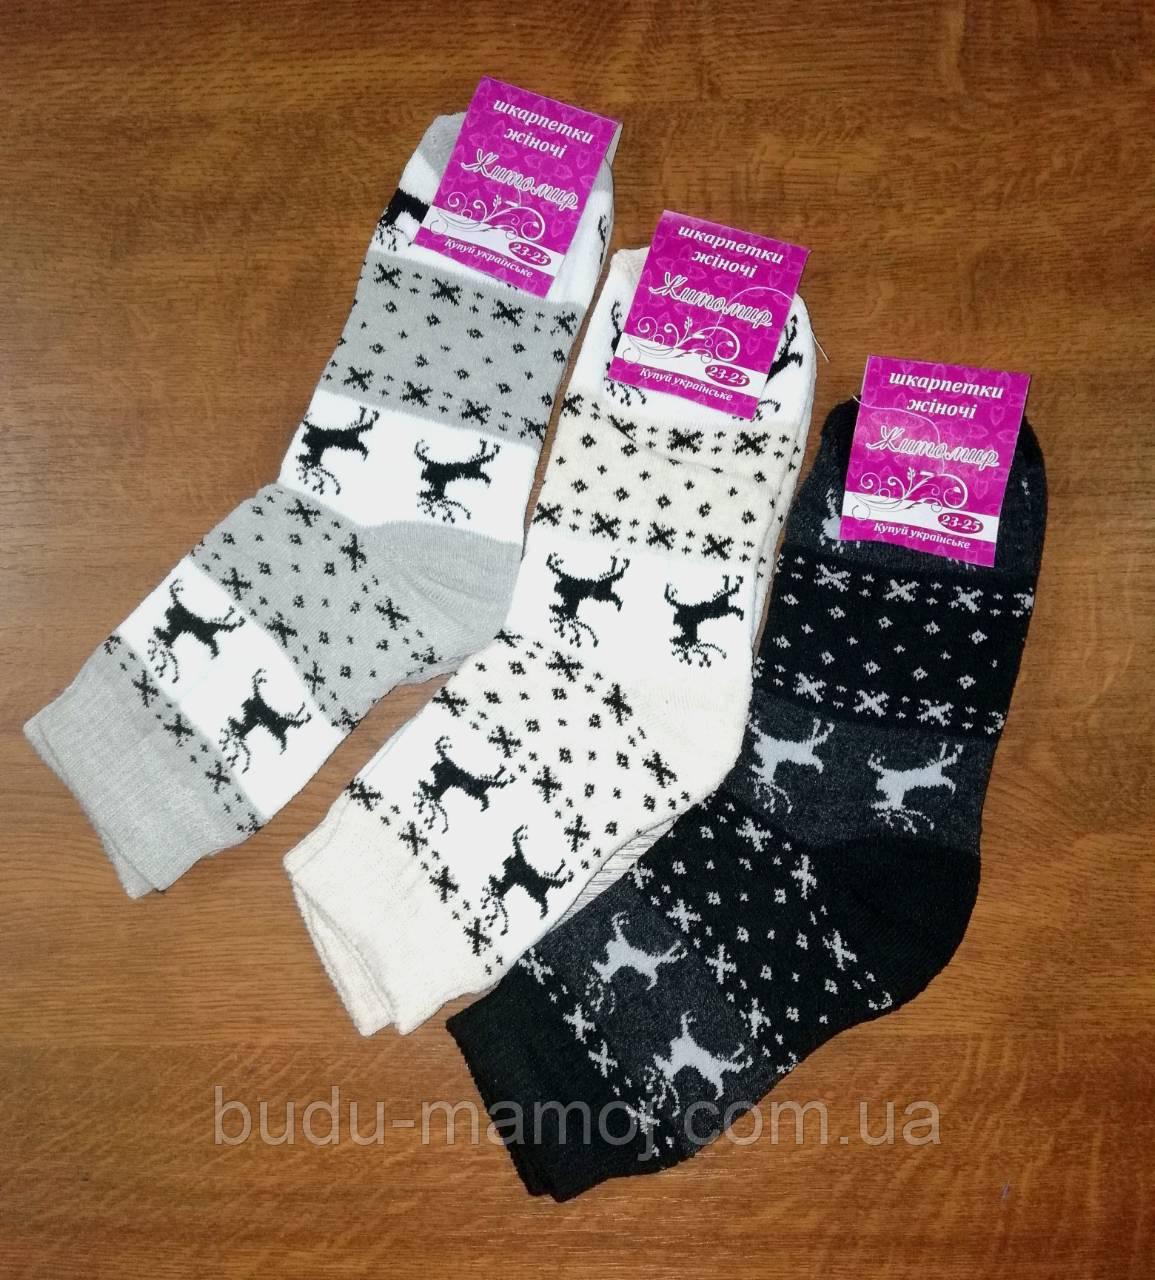 Теплые мягкие женские носки